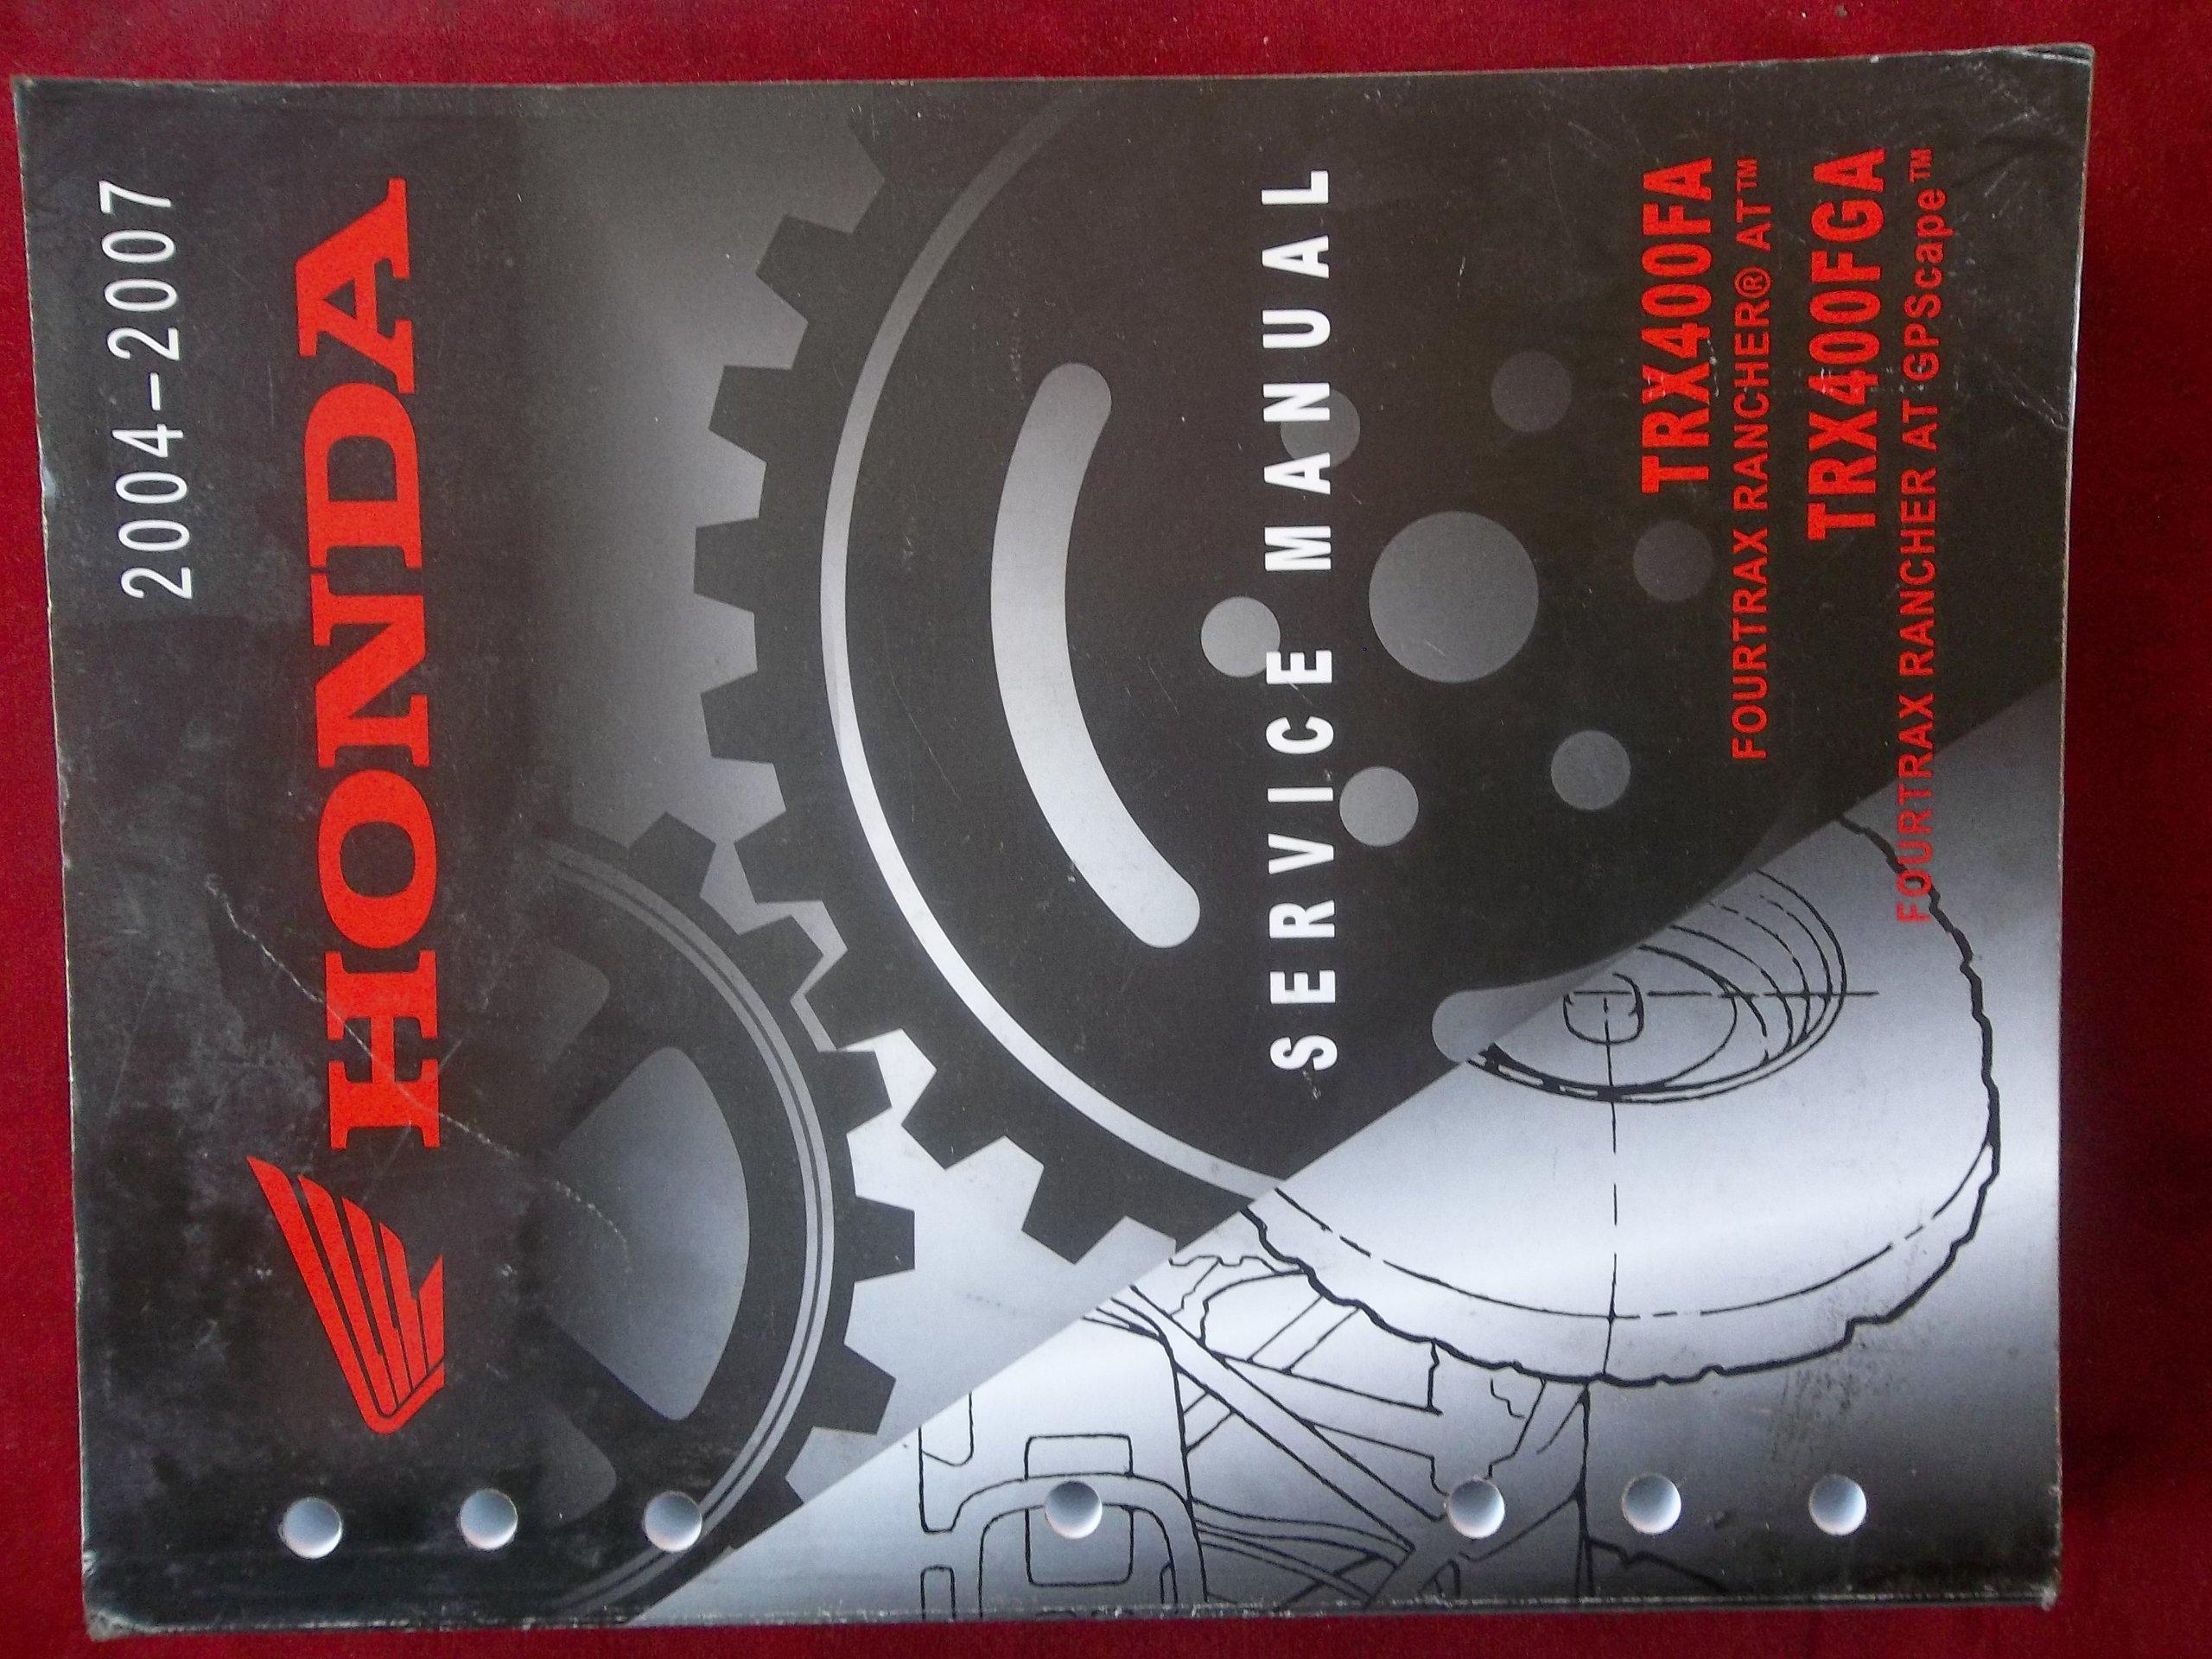 2004 2005 2006 2007 TRX400FA TRX 400 FA FGA Honda Service Repair Manual  2242: HONDA: Amazon.com: Books